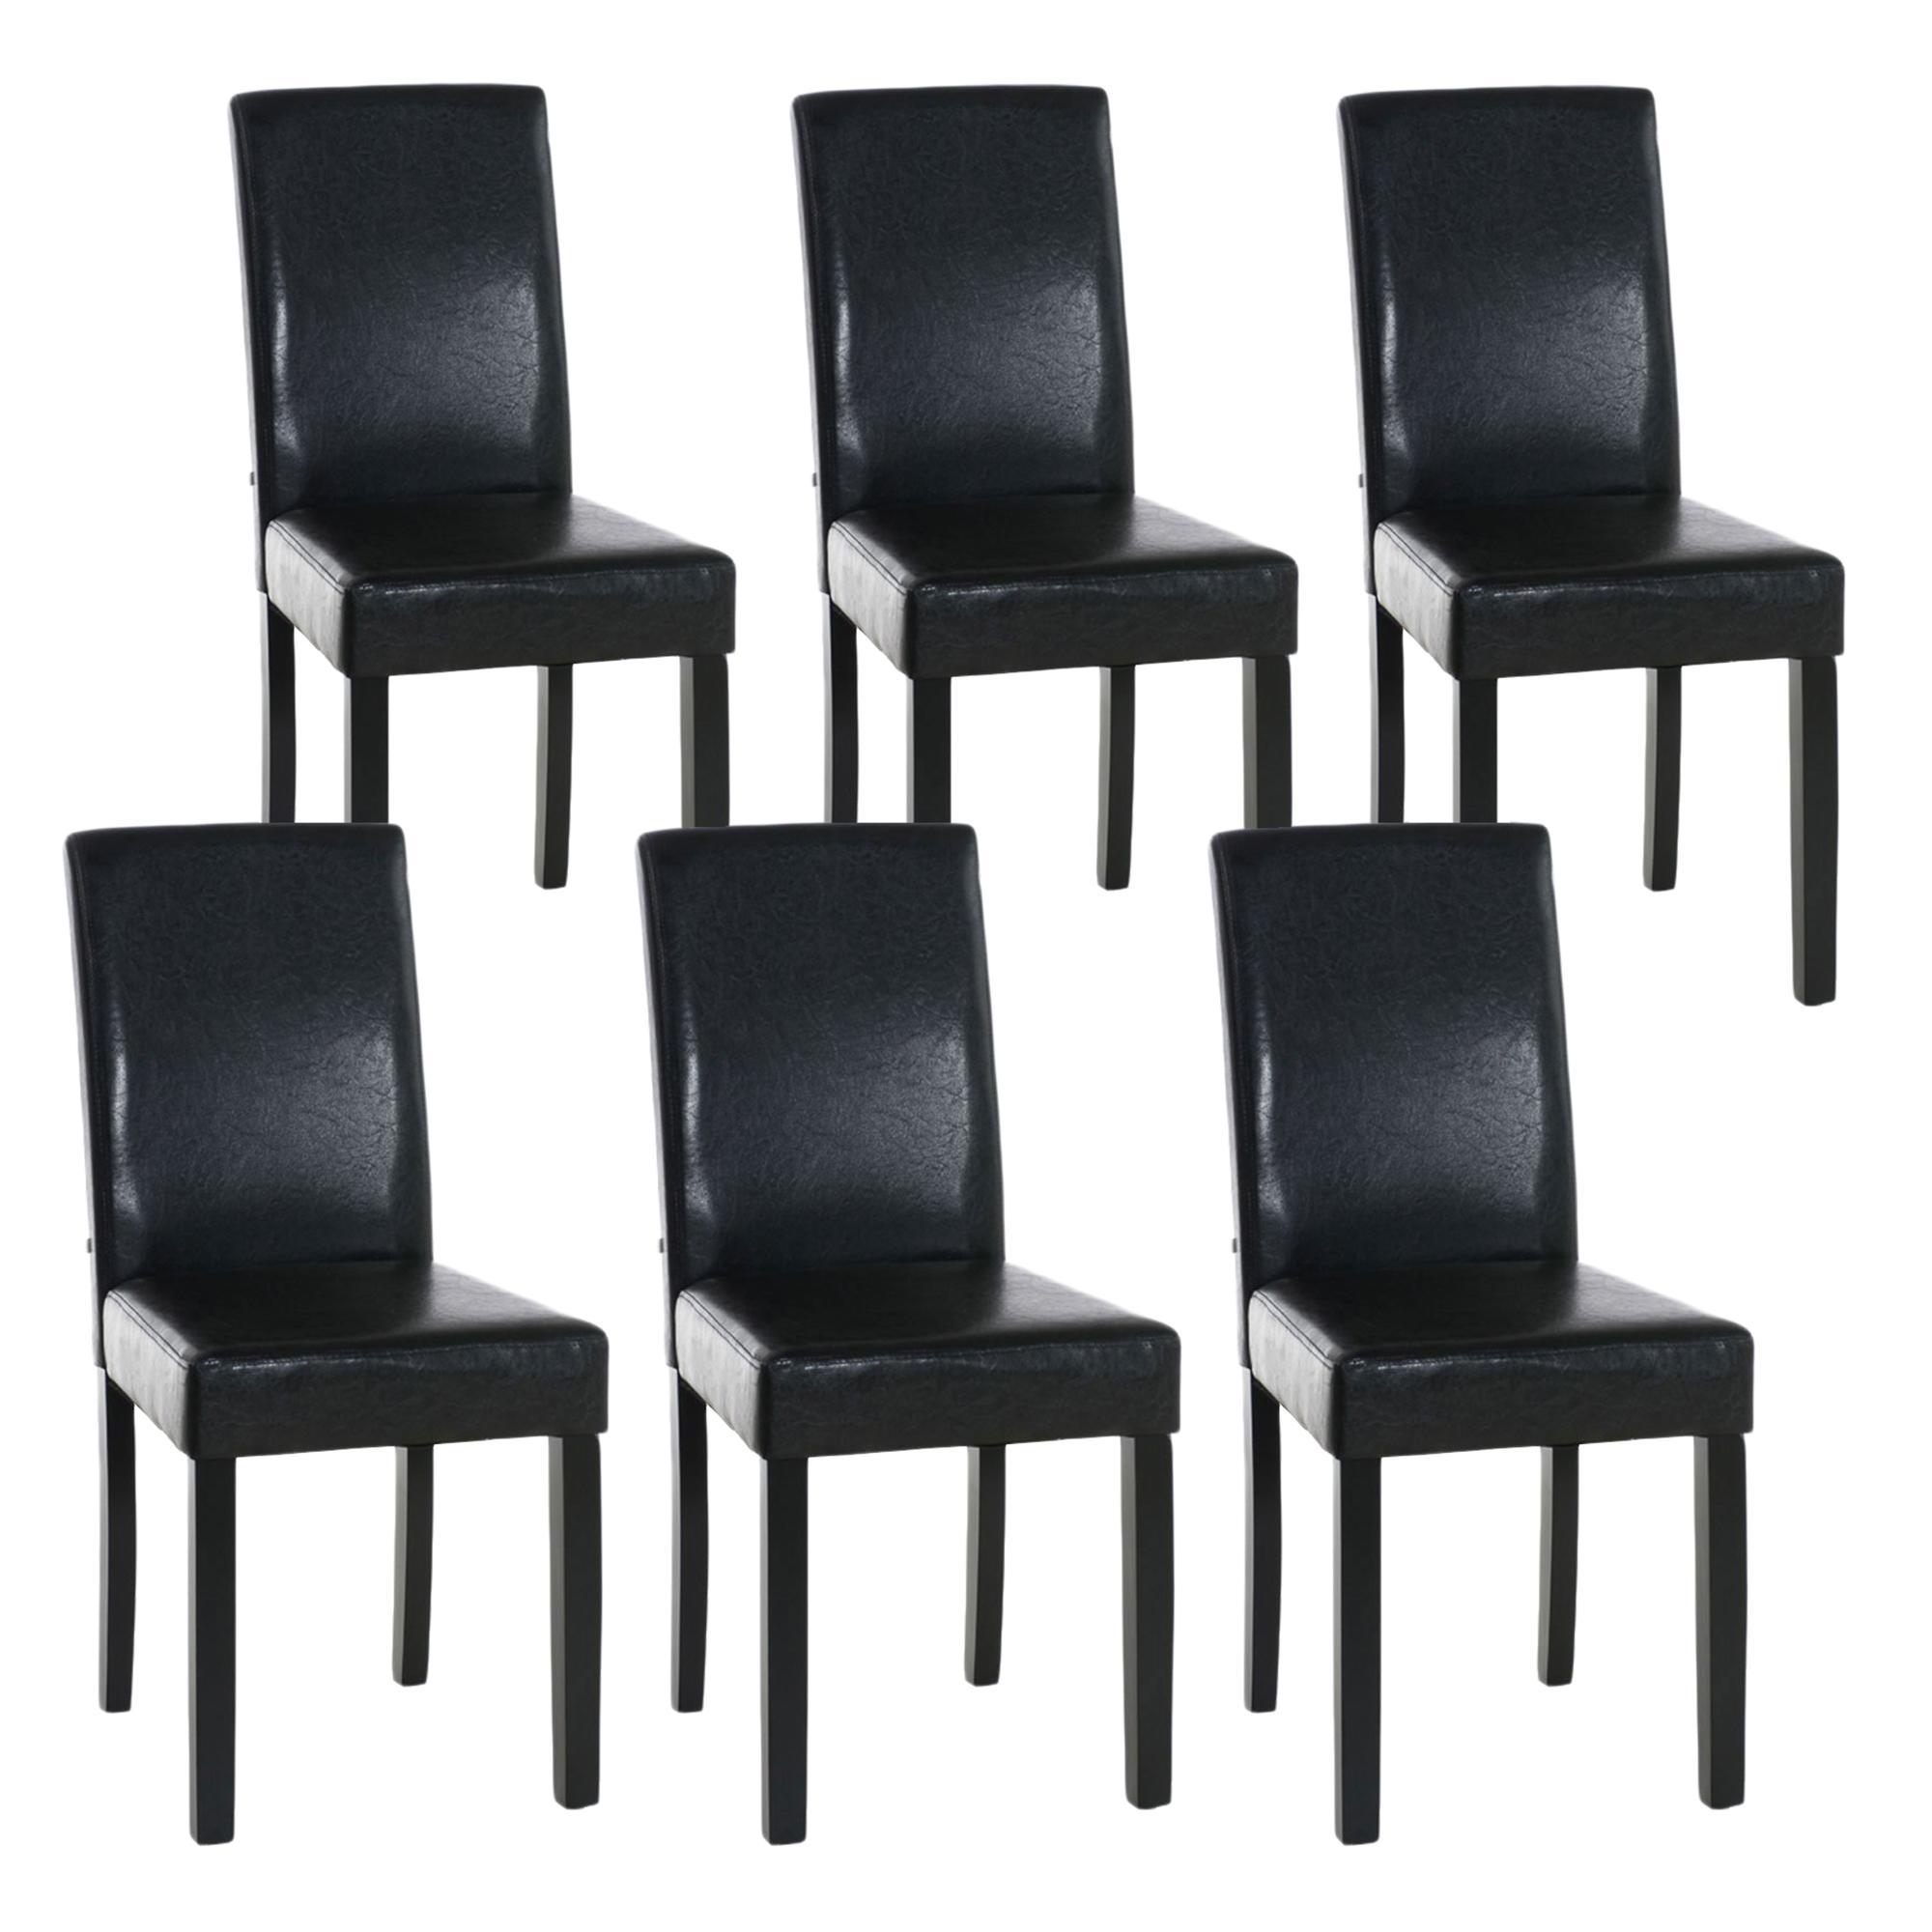 lote de 6 sillas de comedor capri muy c modas y robustas